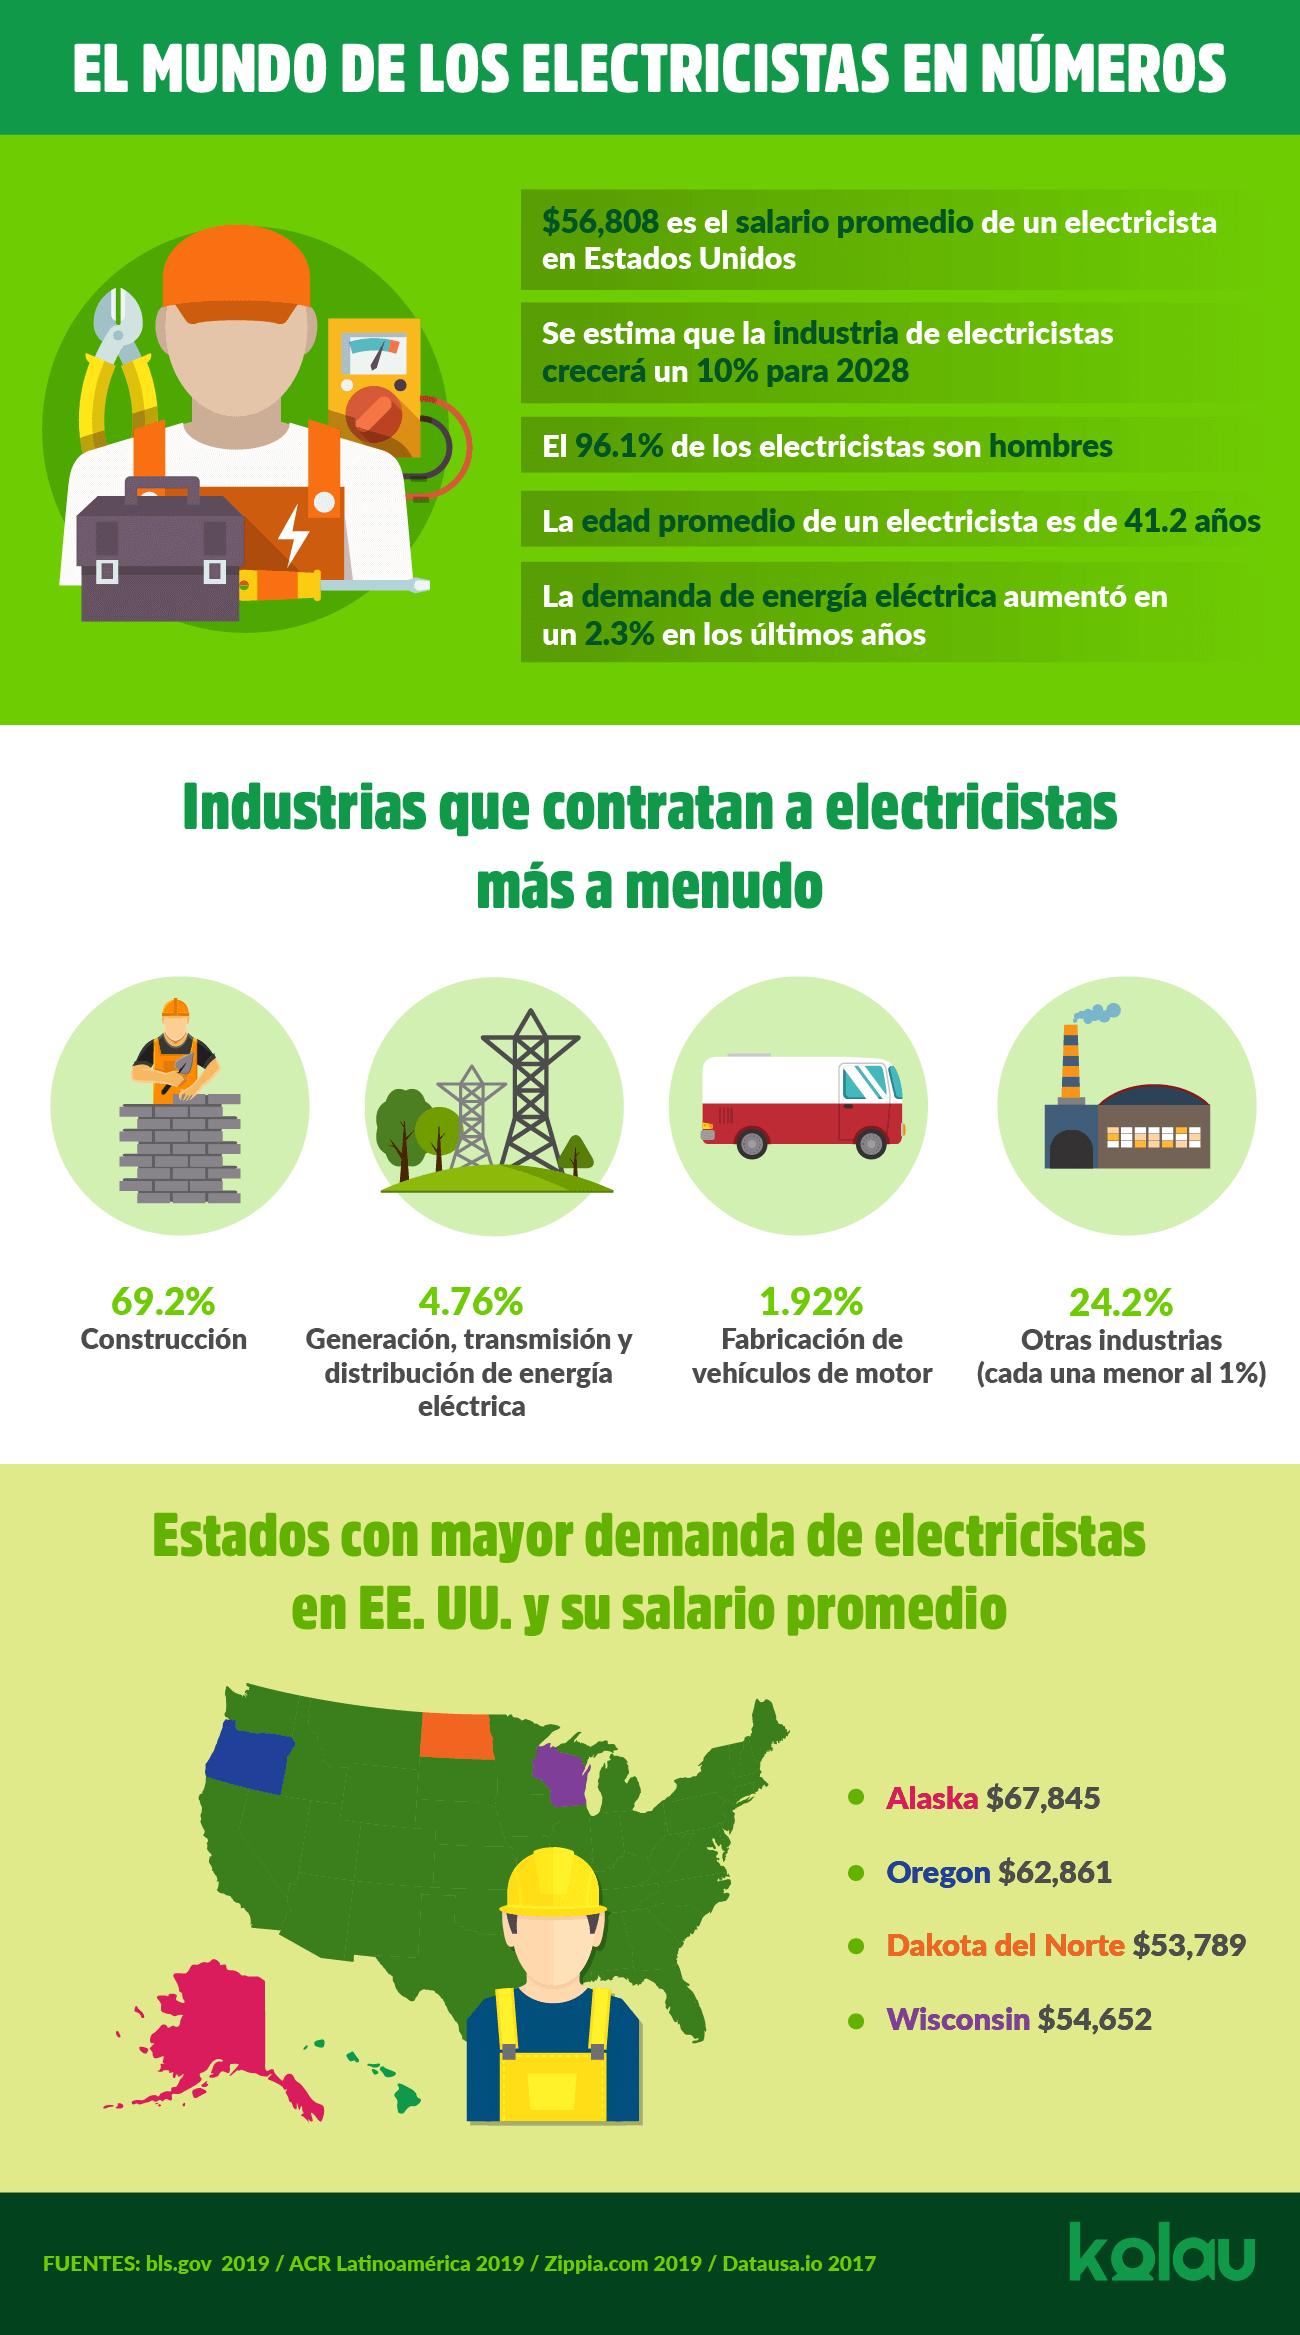 Infografía. Marketing para Electricistas. El mundo de los electricistas en números.